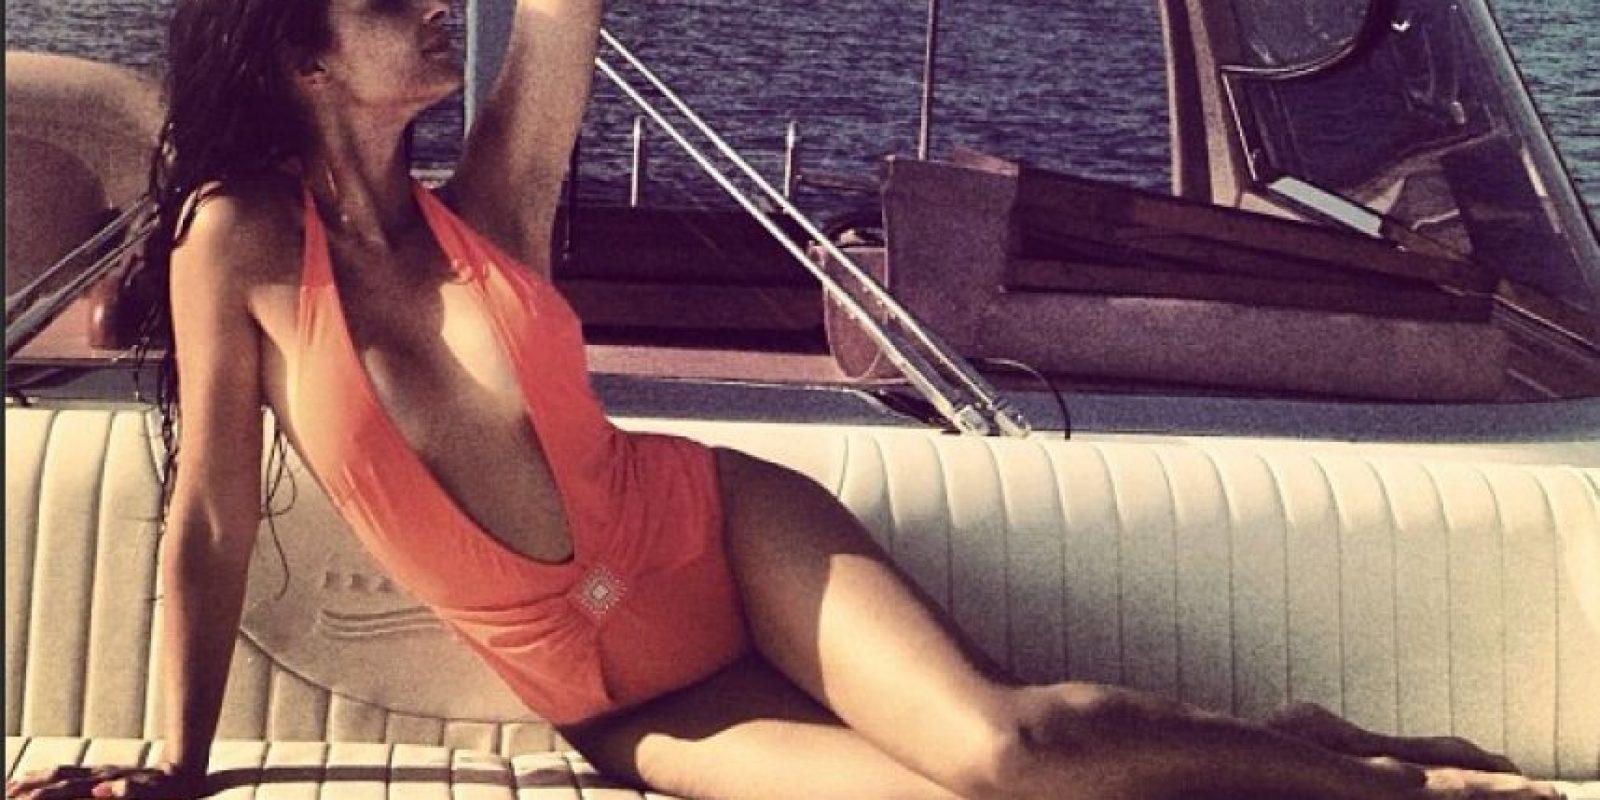 Tiene 25 años Foto:Instagram: @sreckoviceva